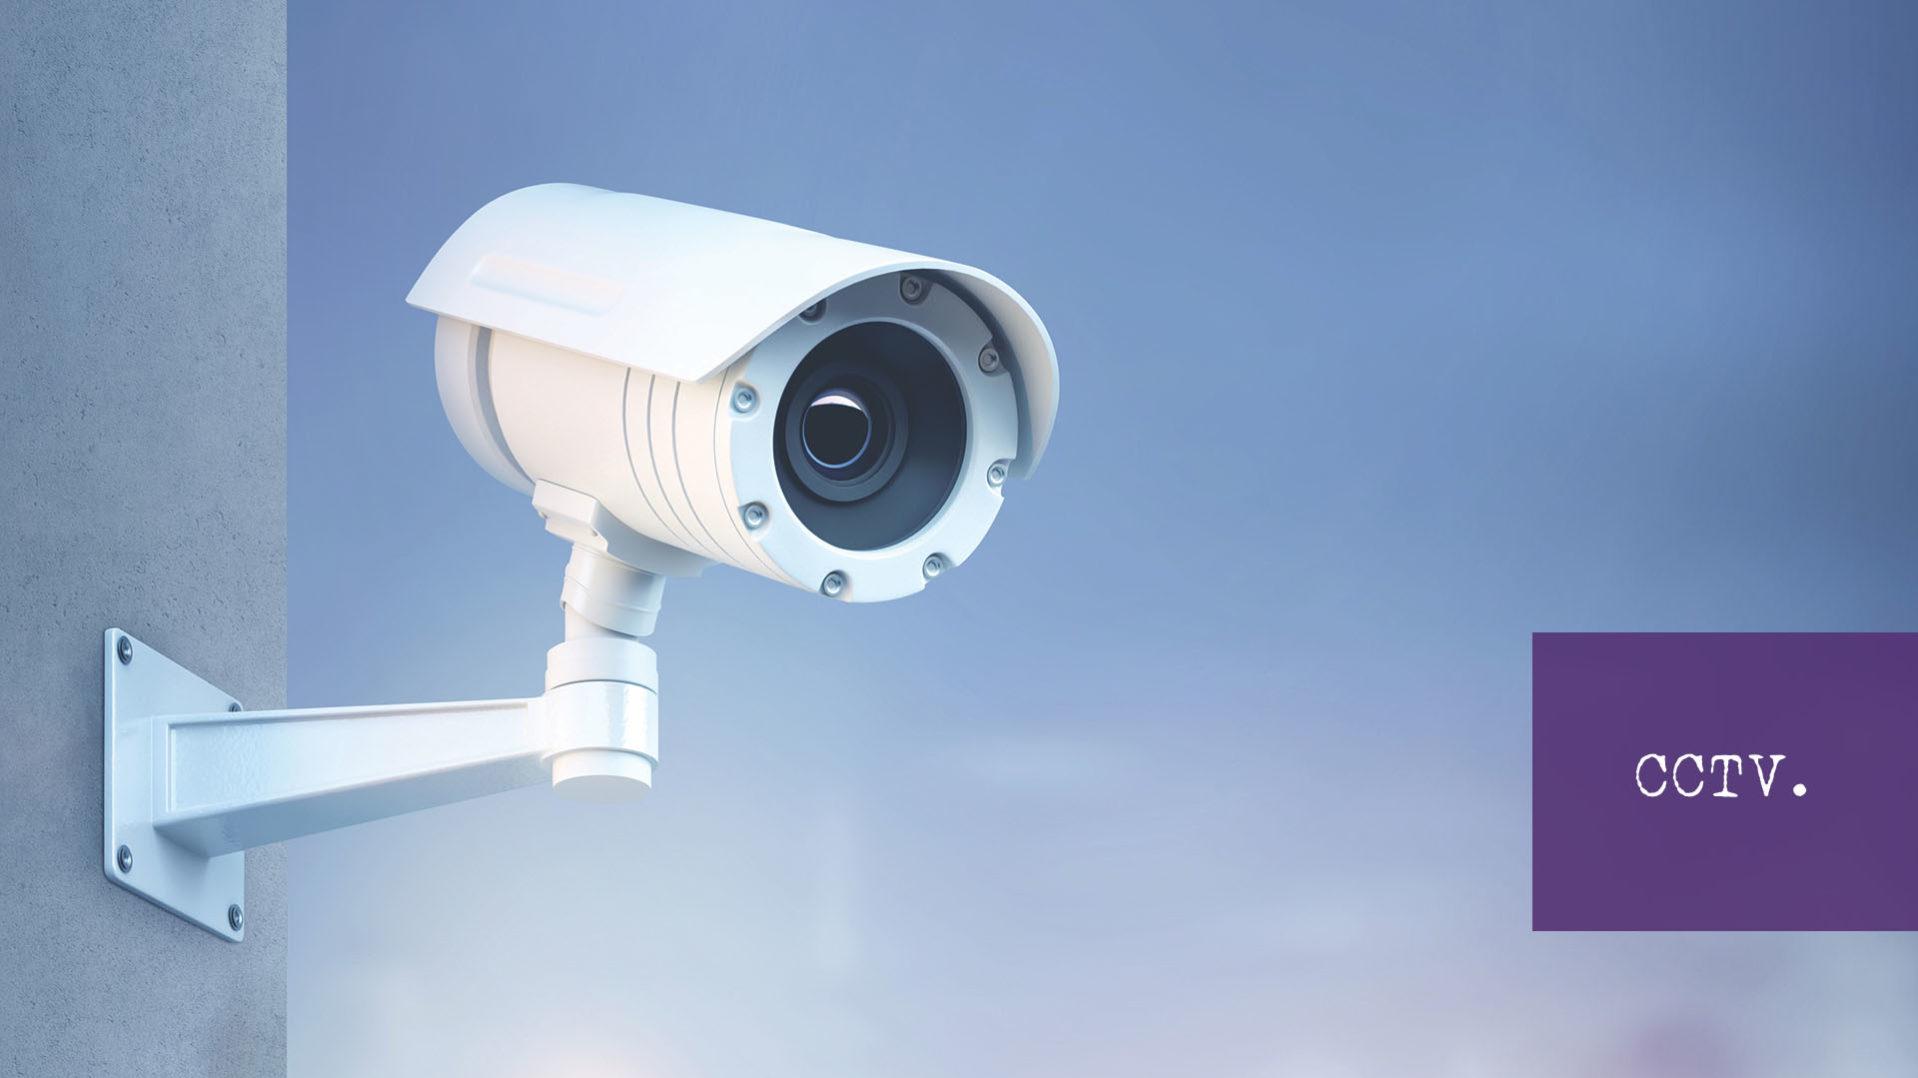 07_IFSEC-SLIDE-CCTV-04